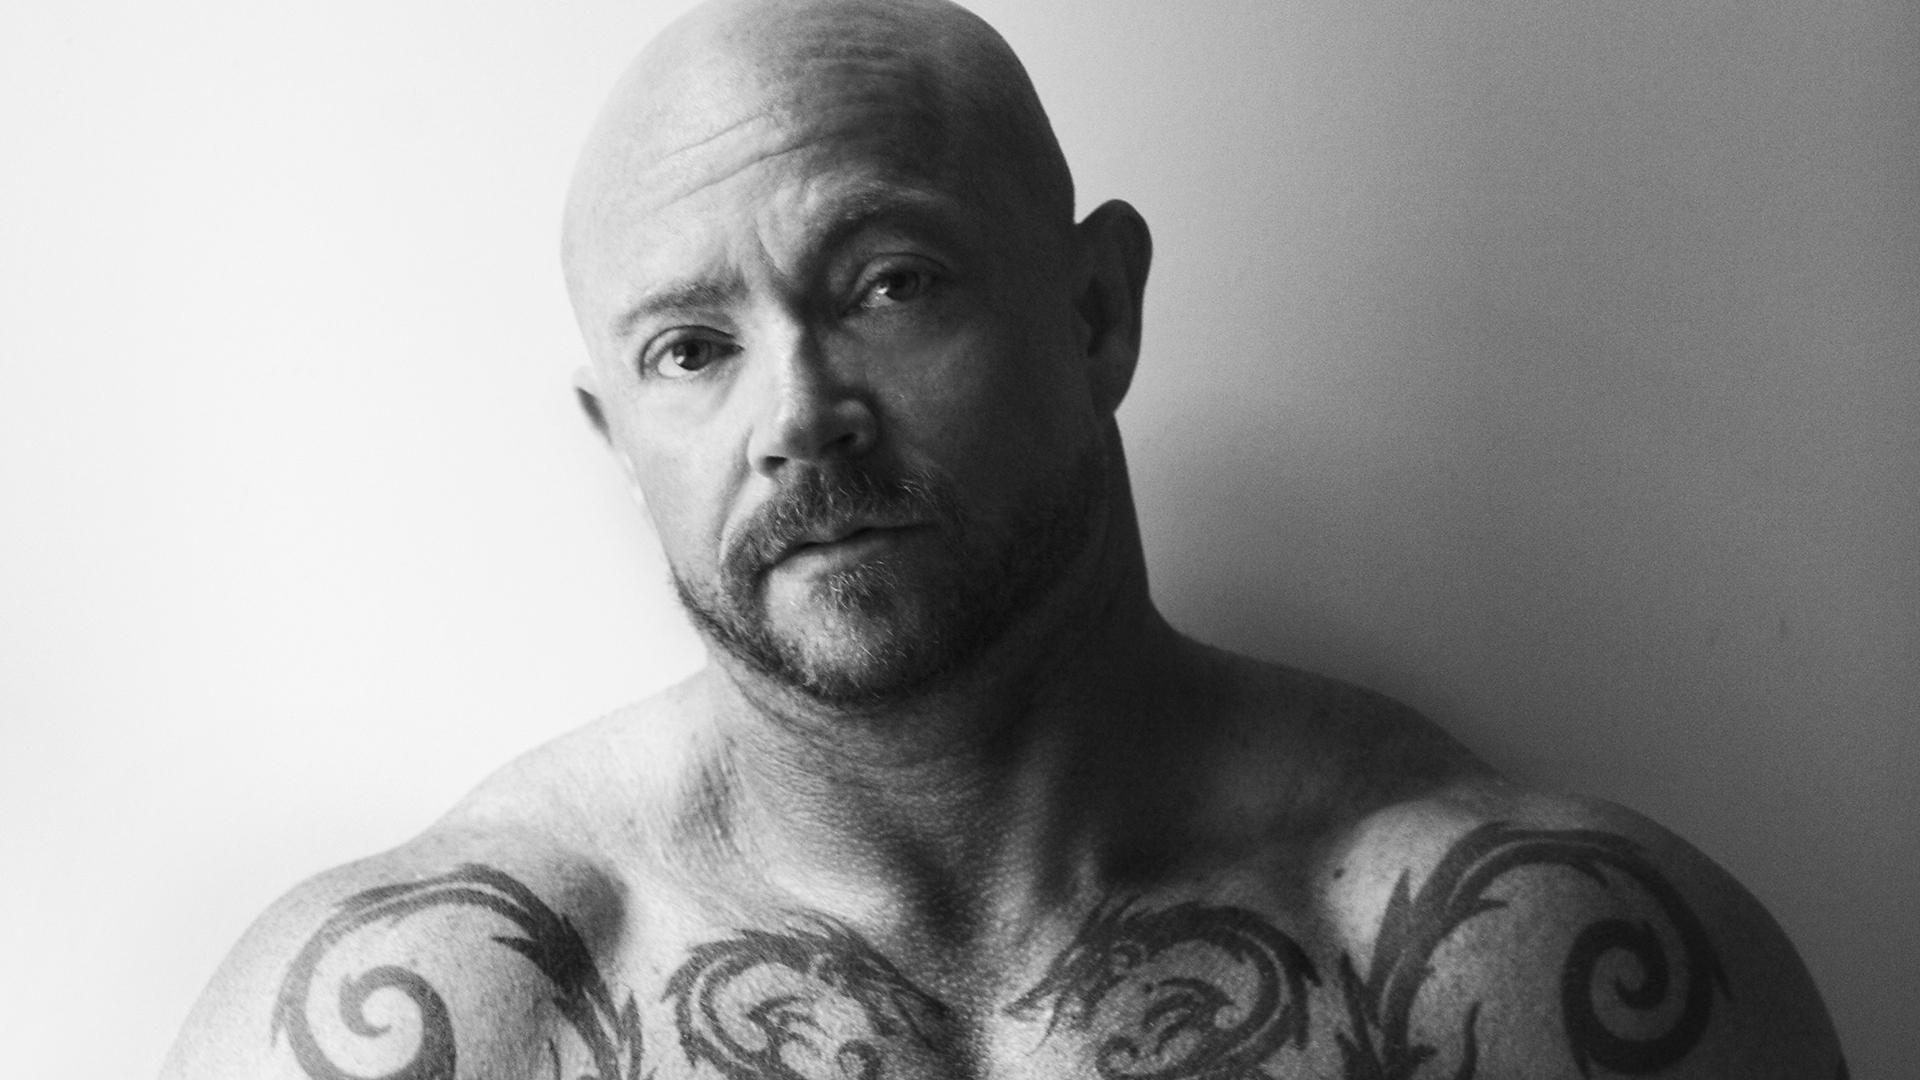 Actriz Porno Habla De Problemas De Pecho Grande buck angel, la alucinante historia del actor trans que ahora